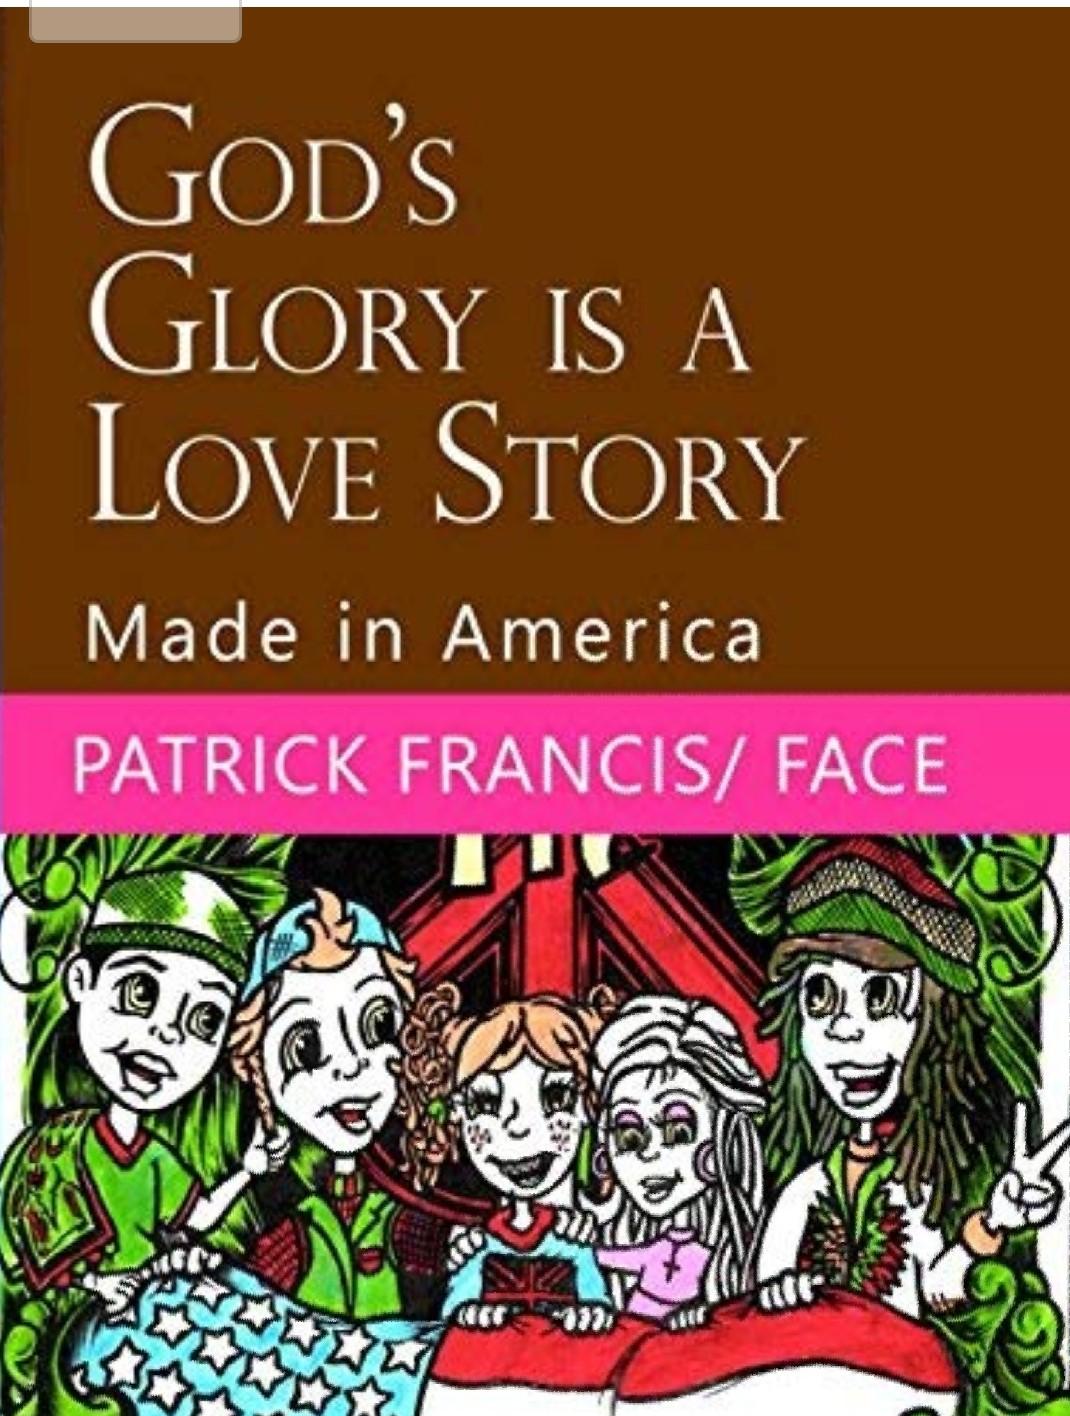 God's Glory is a Love Story